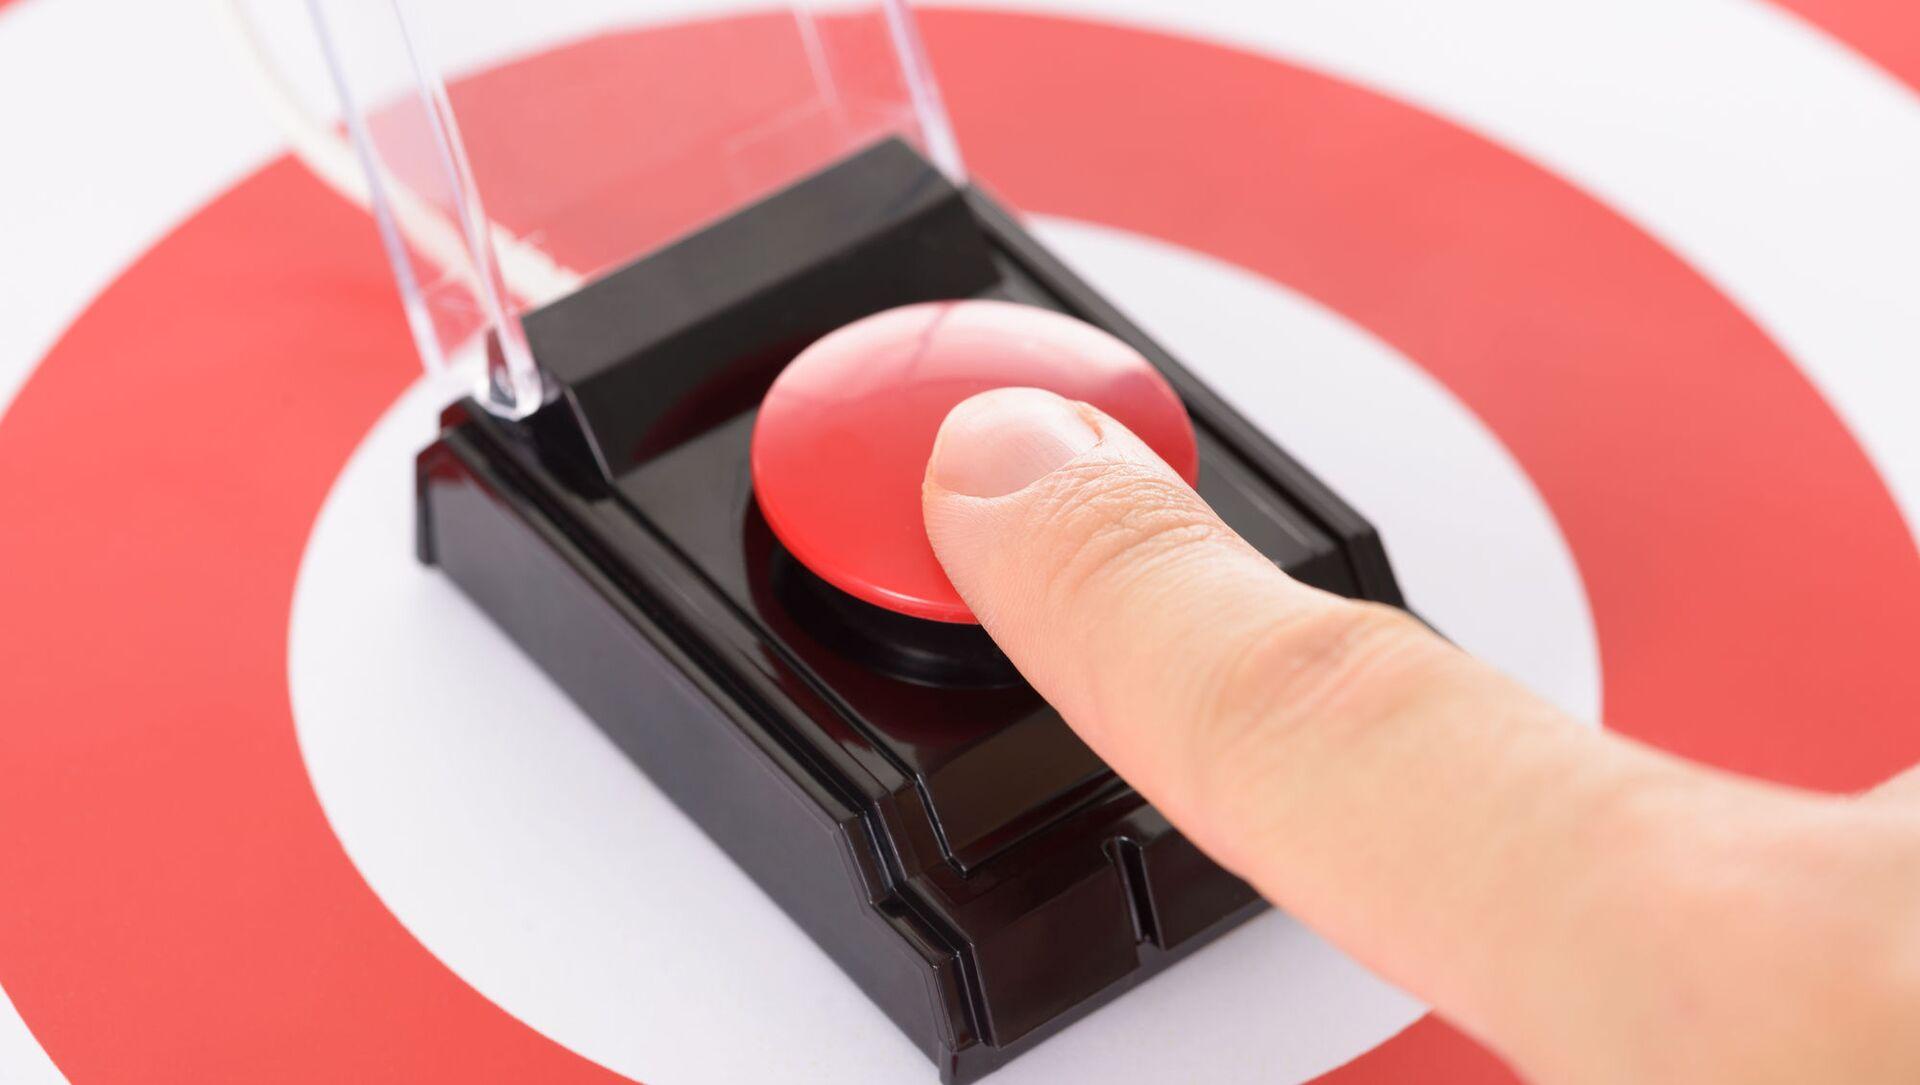 Палец на красной кнопке - Sputnik Việt Nam, 1920, 26.09.2021